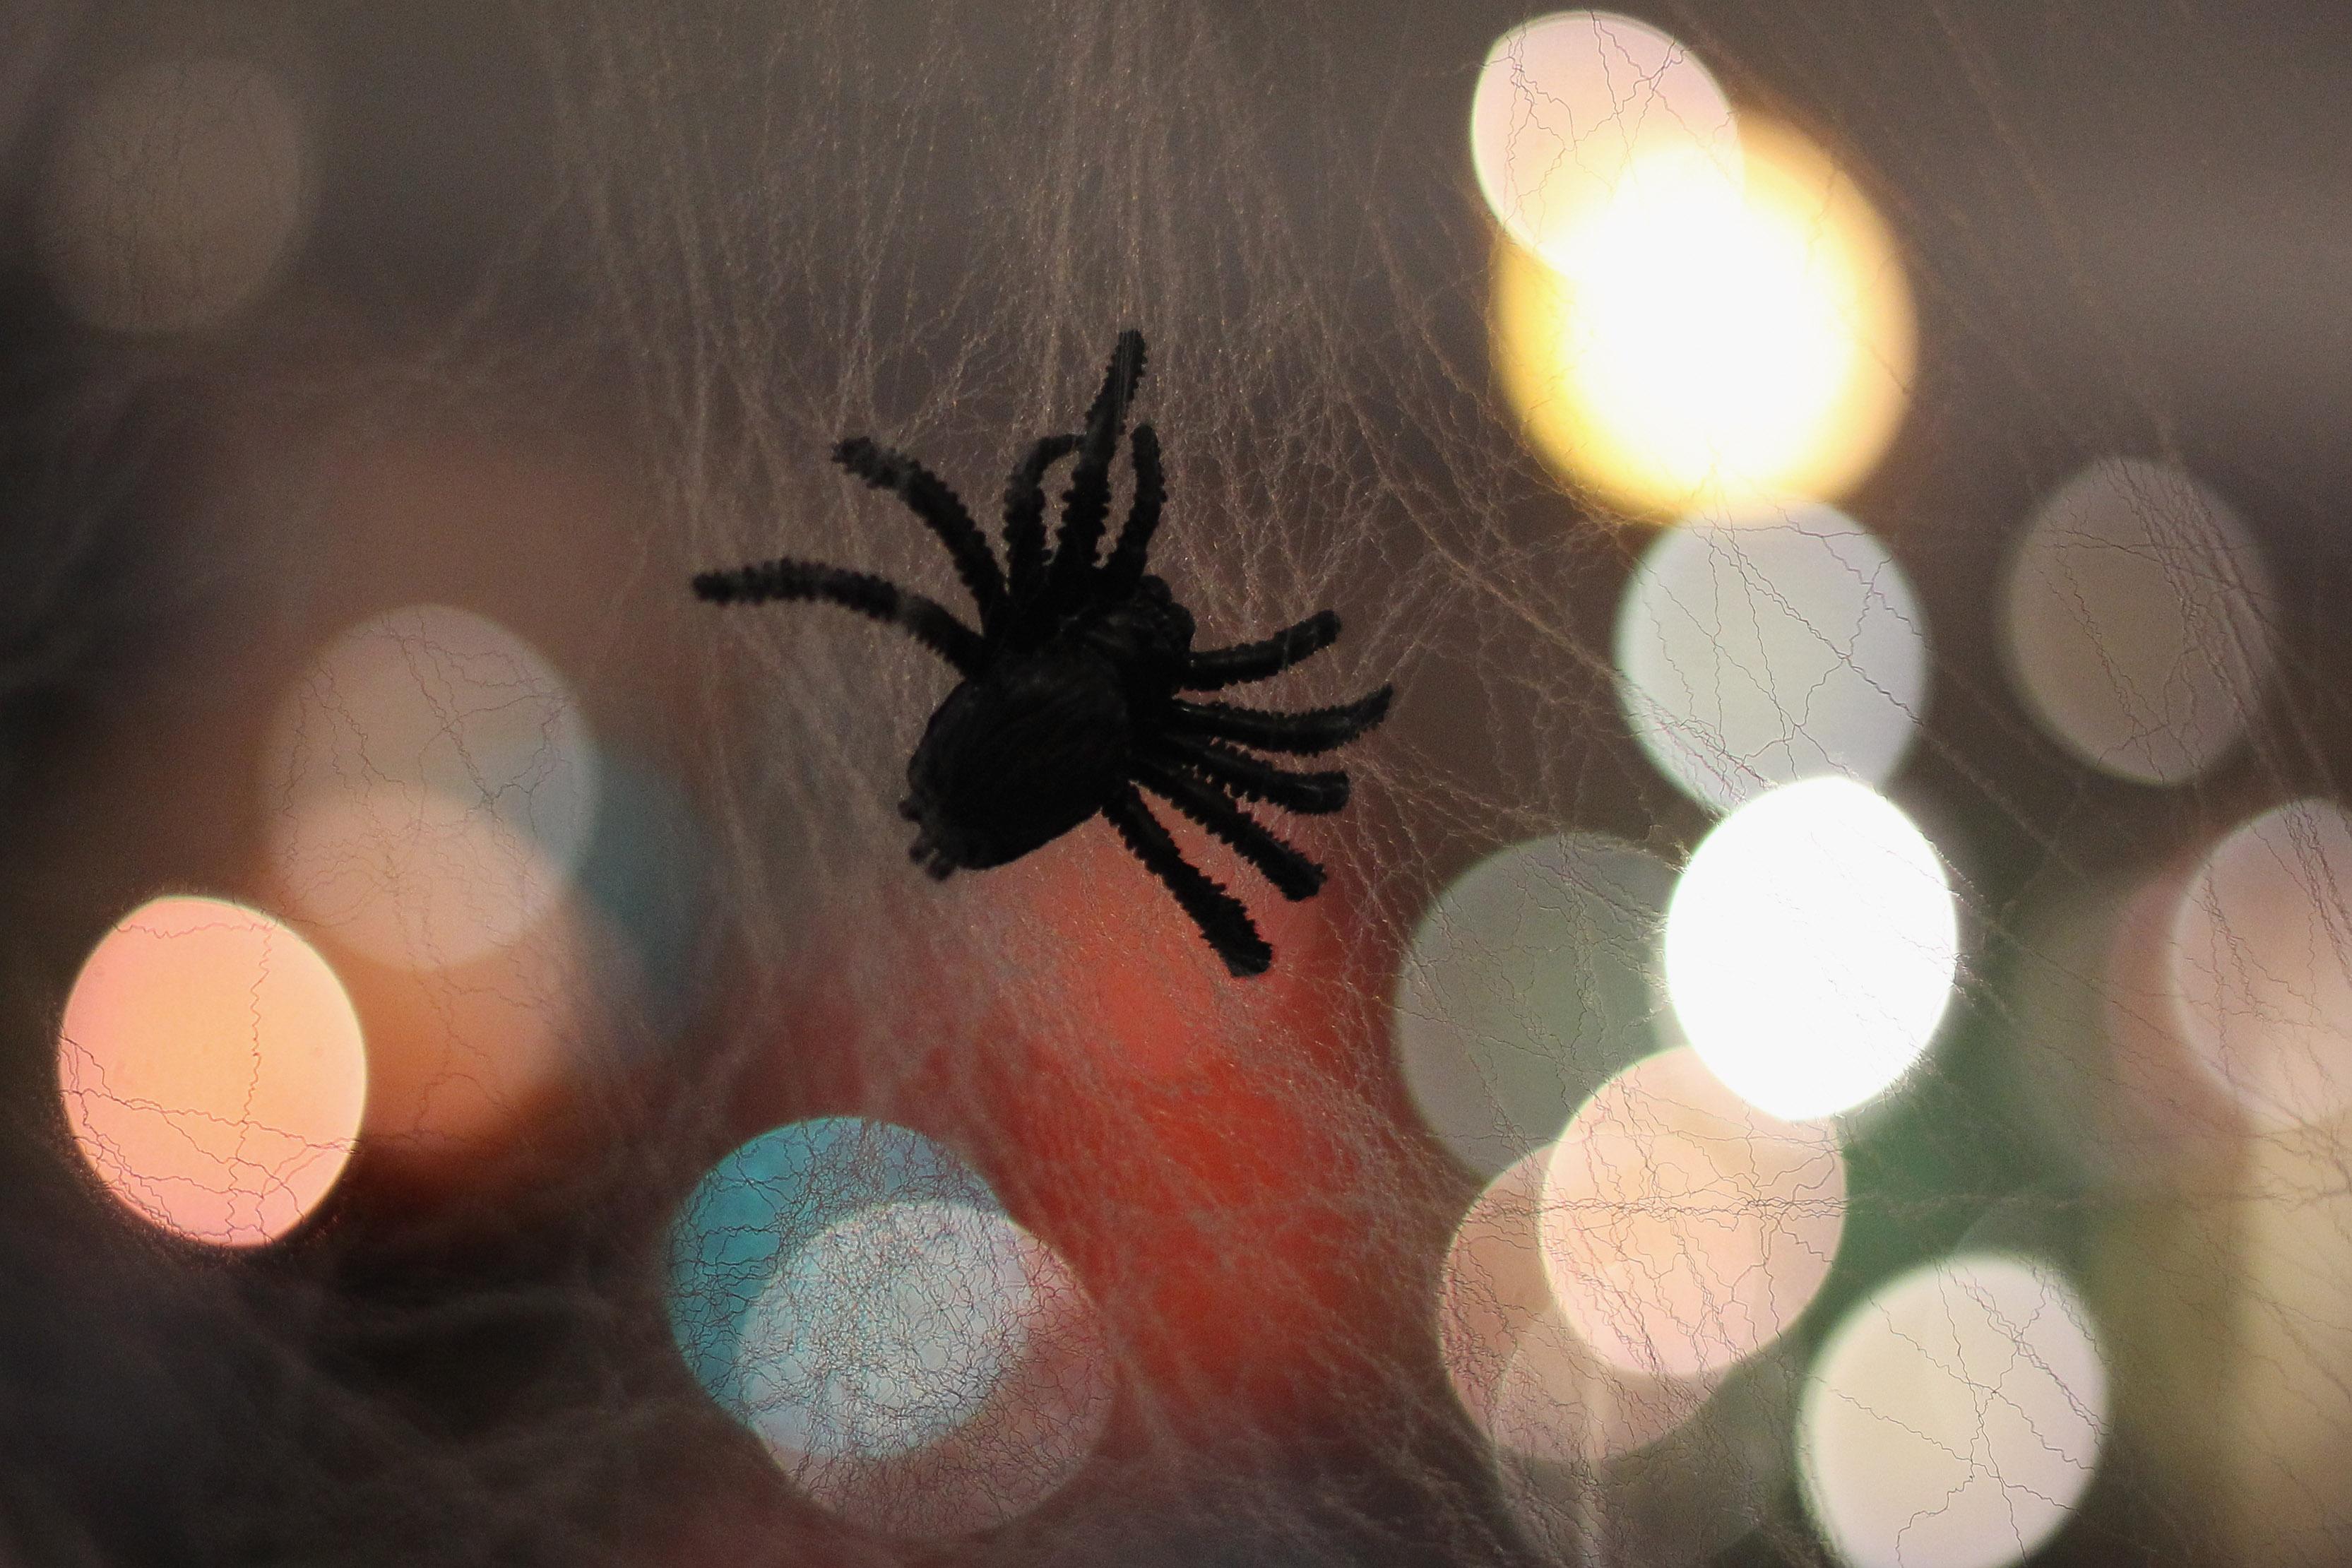 A fake spider Halloween decoration. (Getty)